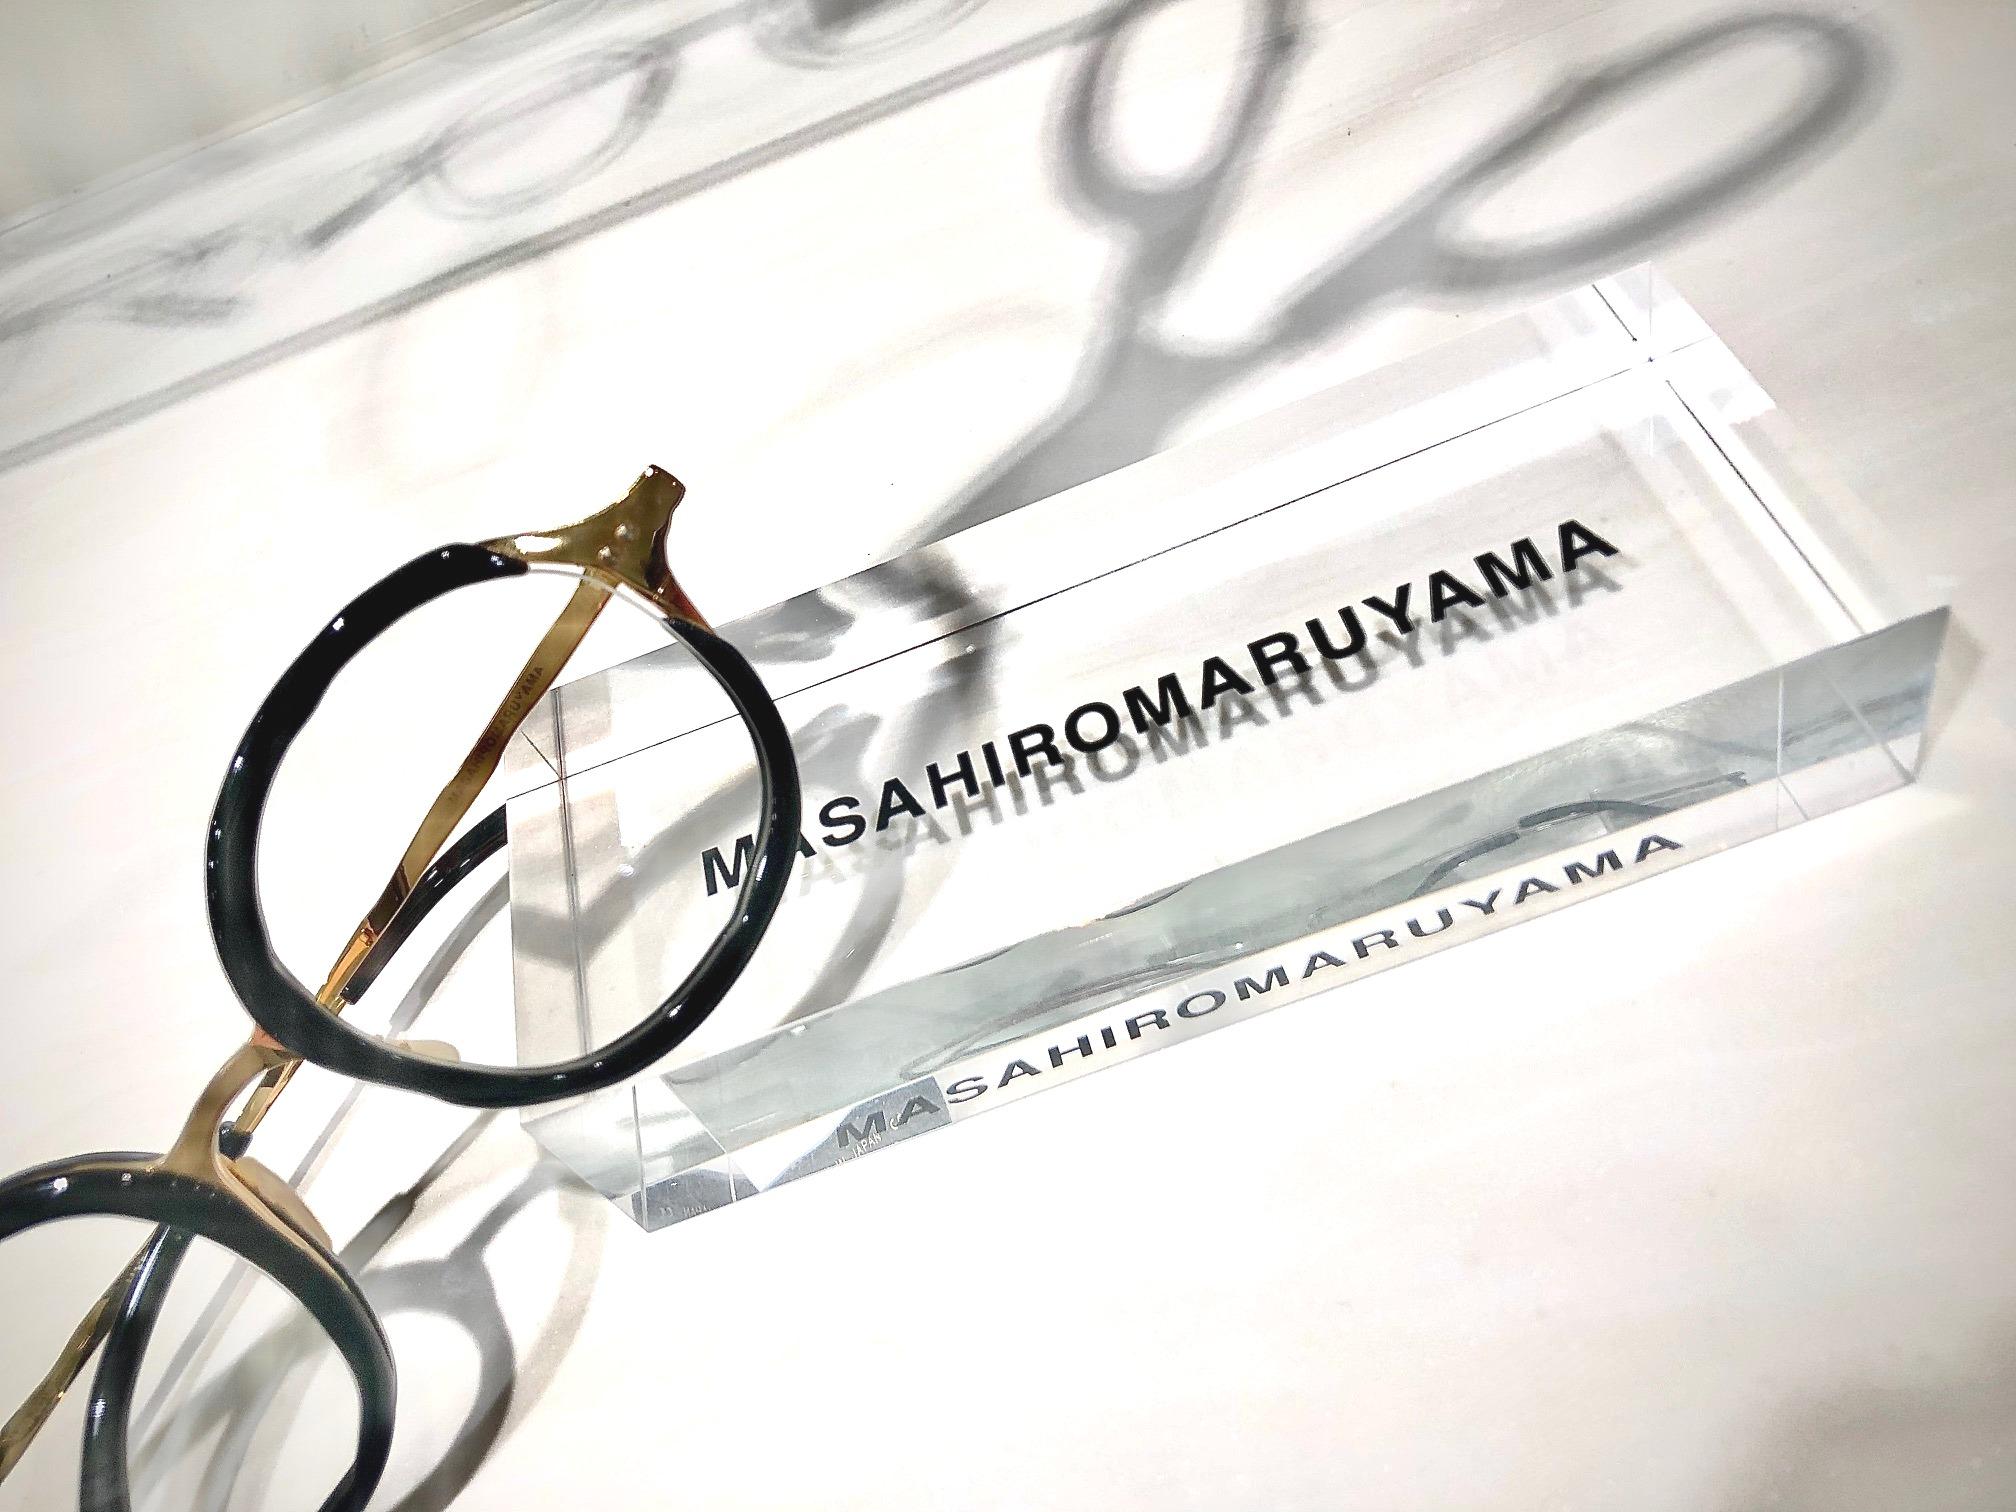 MASAHIROMARUYAMA 特集 Vol.30